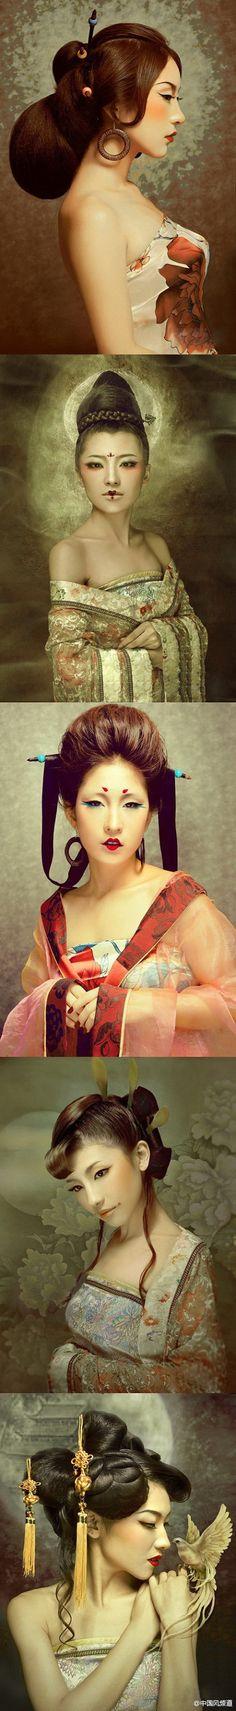 复古时尚造型,很美很中国风很霸气。